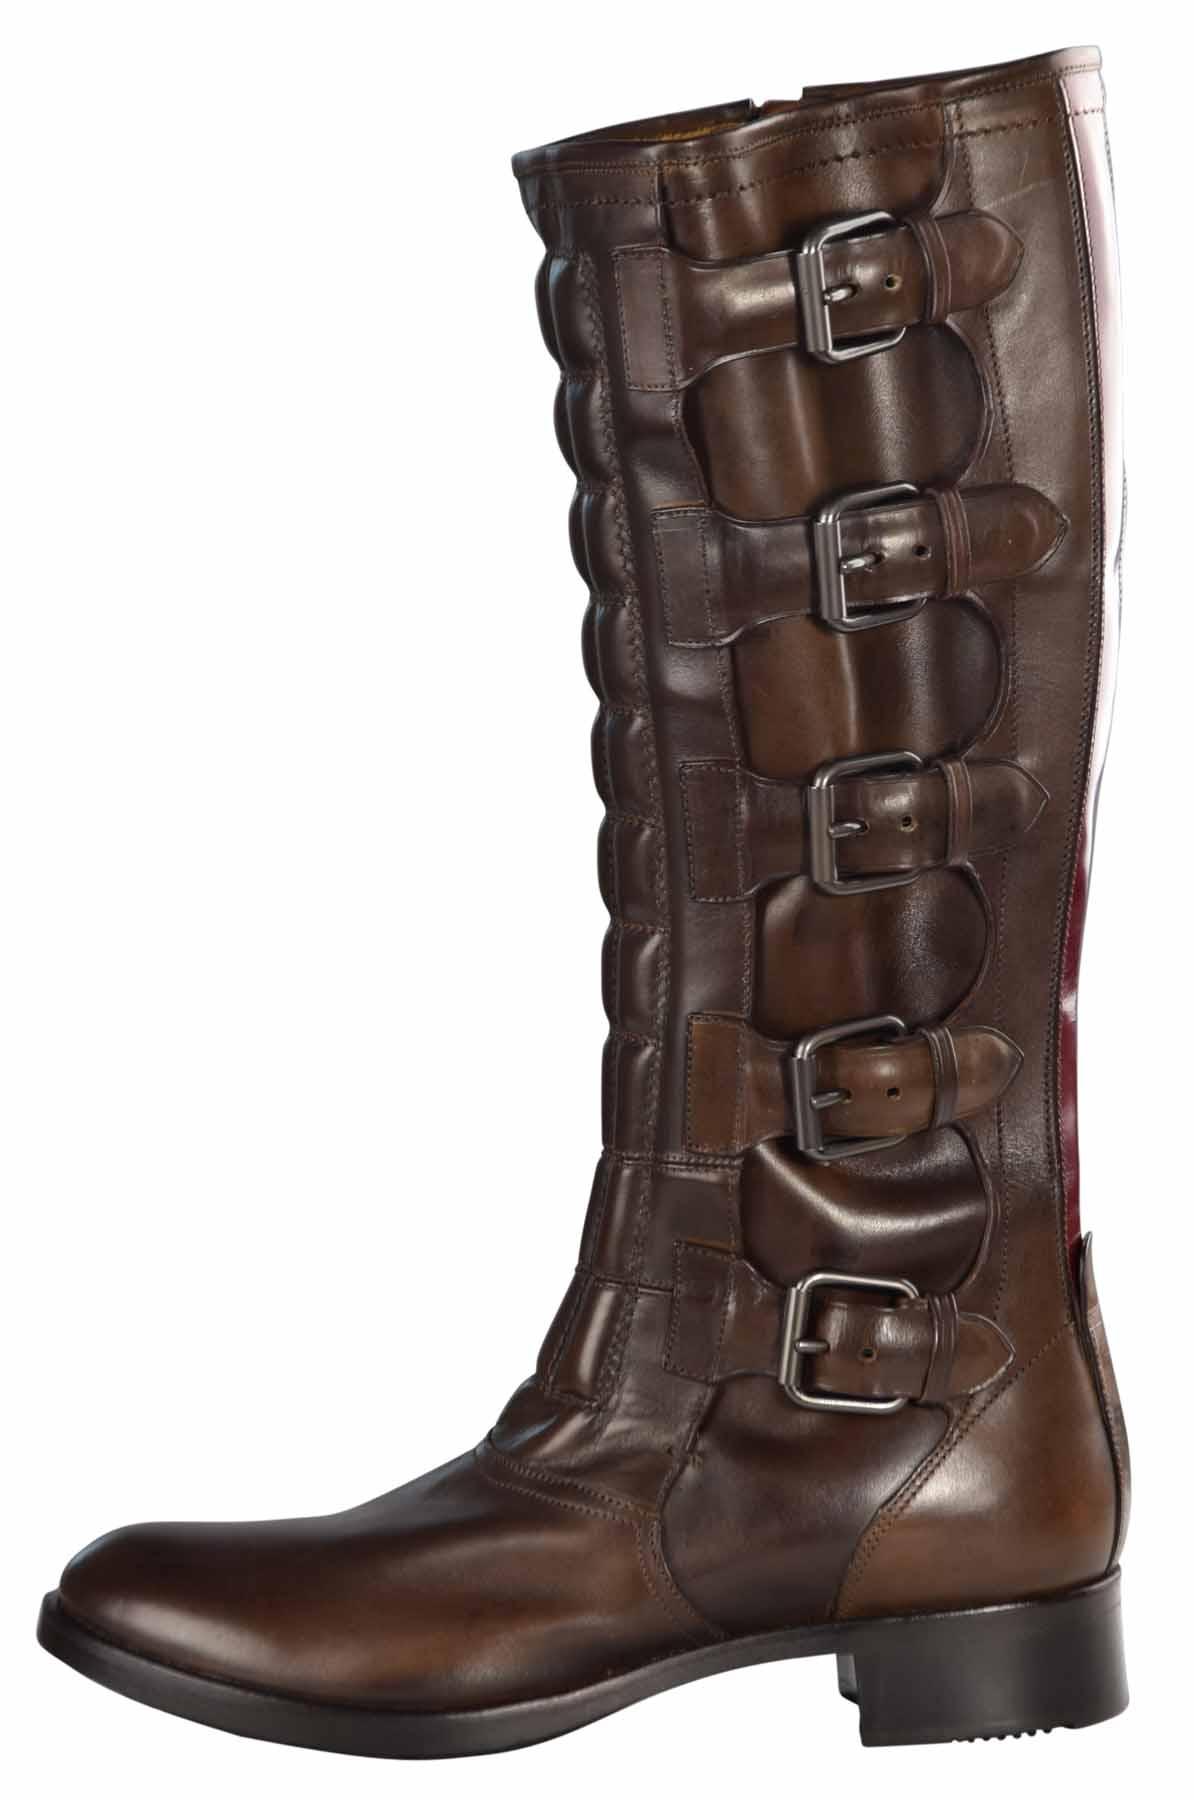 Reed Reed Reed Krakoff señora multi con hebillas botas de cuero e8dc42